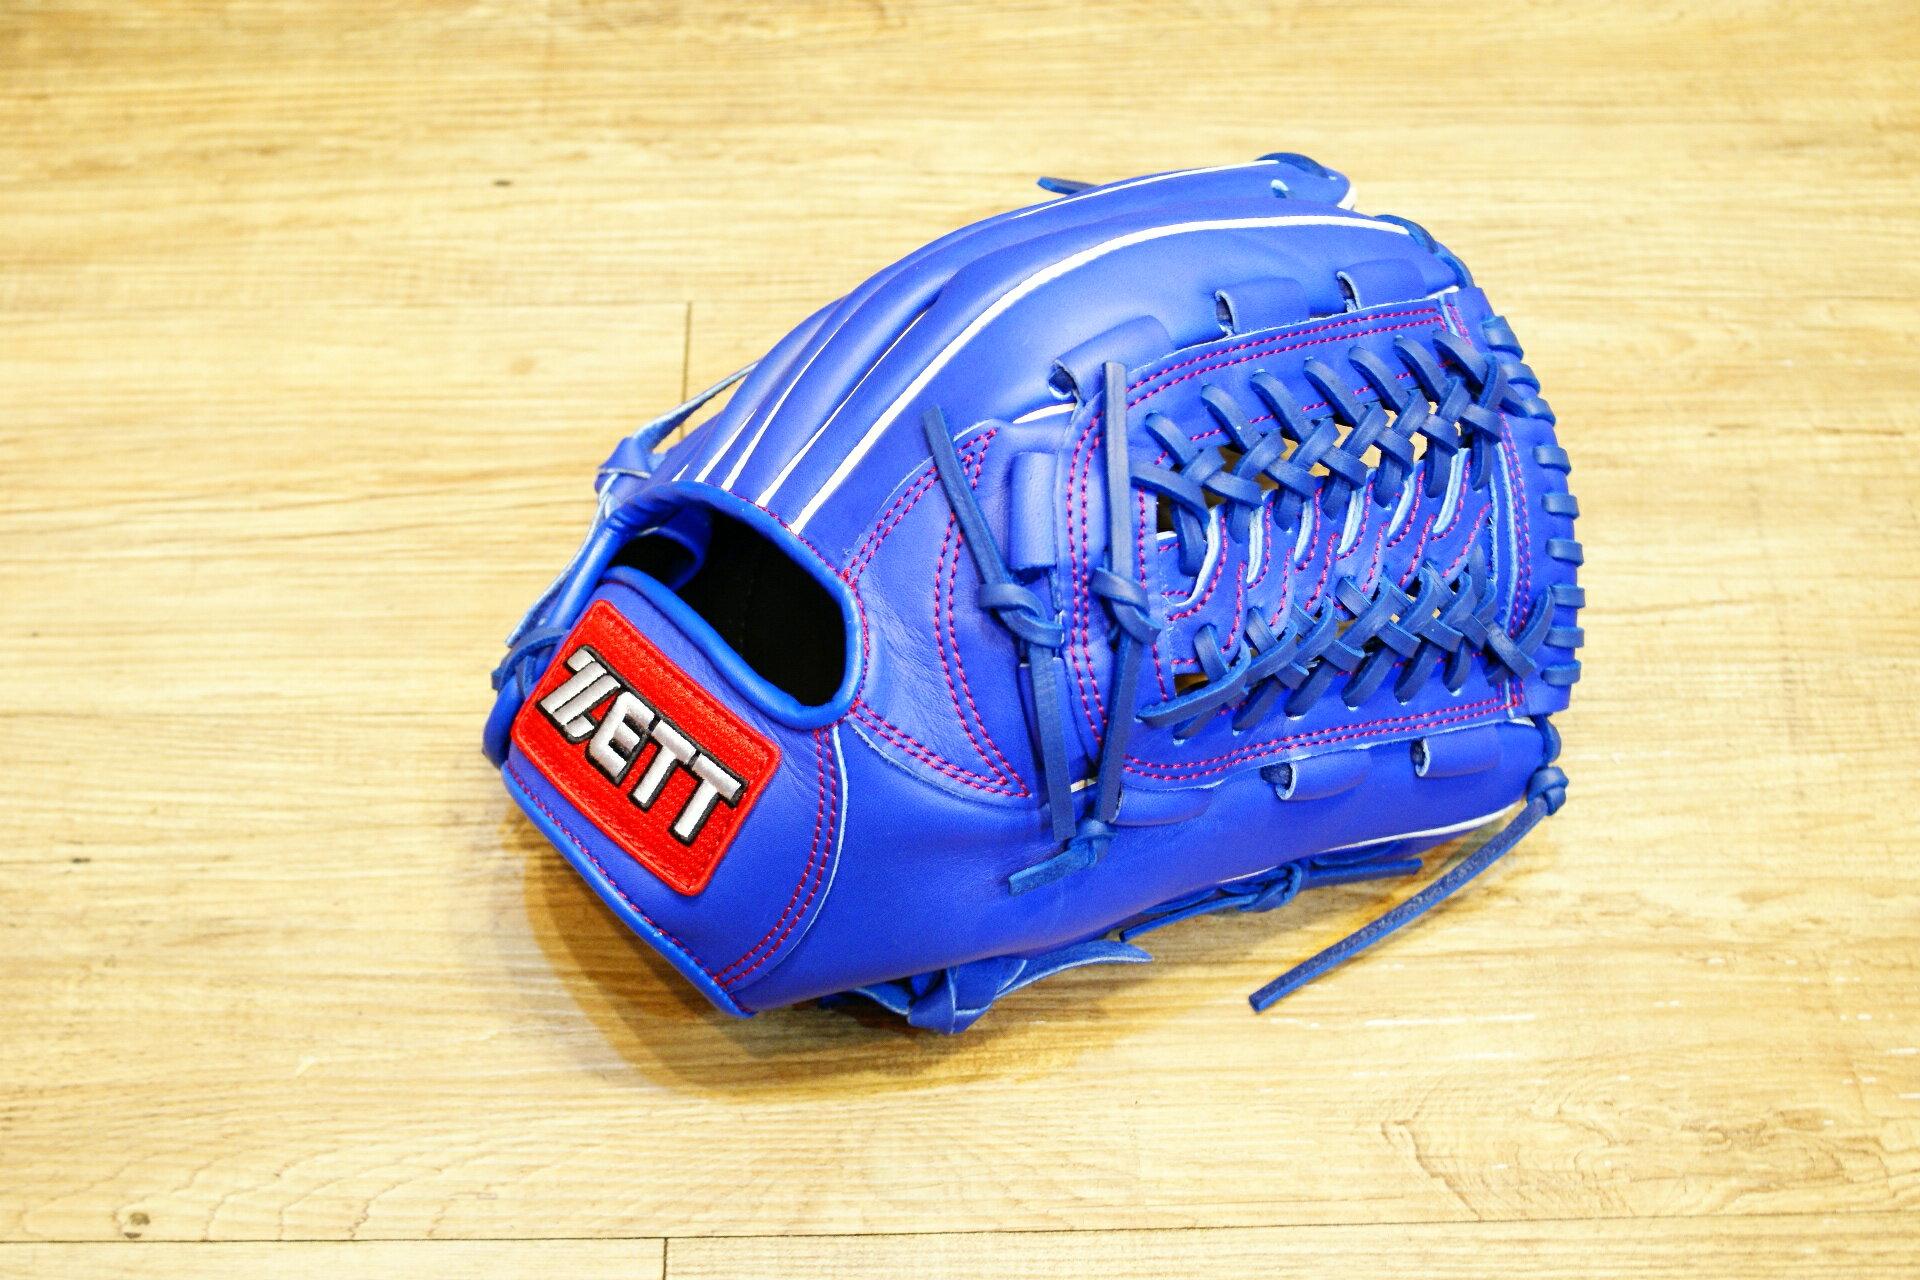 棒球世界 全新ZETT棒壘球內野蛇紋球檔牛皮手套 藍色 特價 加送手套袋 8727系列